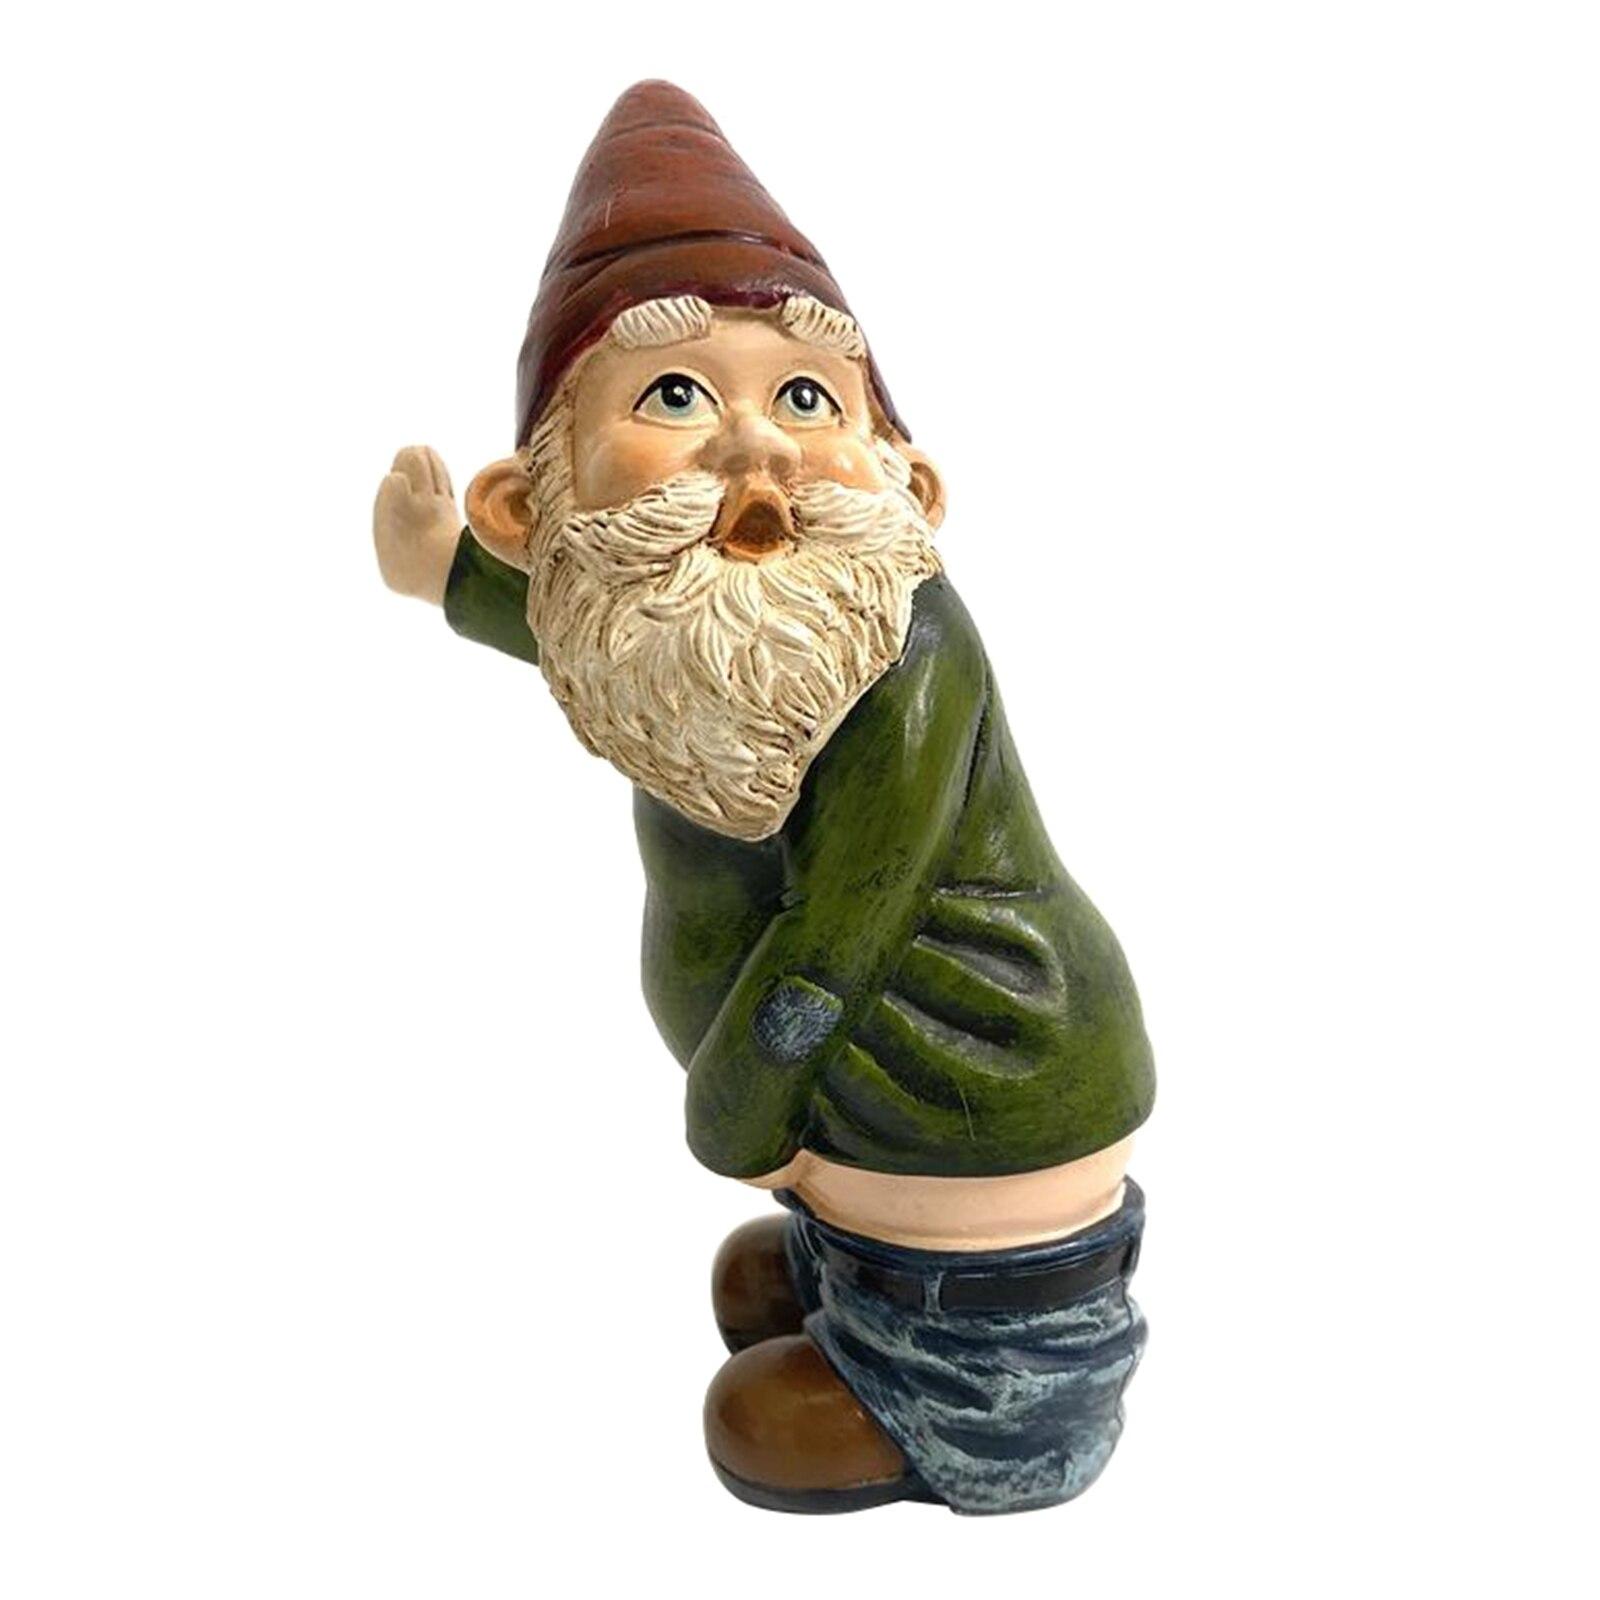 Сад гном украшения новинка открытый лужайка гном фигурка статуи рождество сделай сам